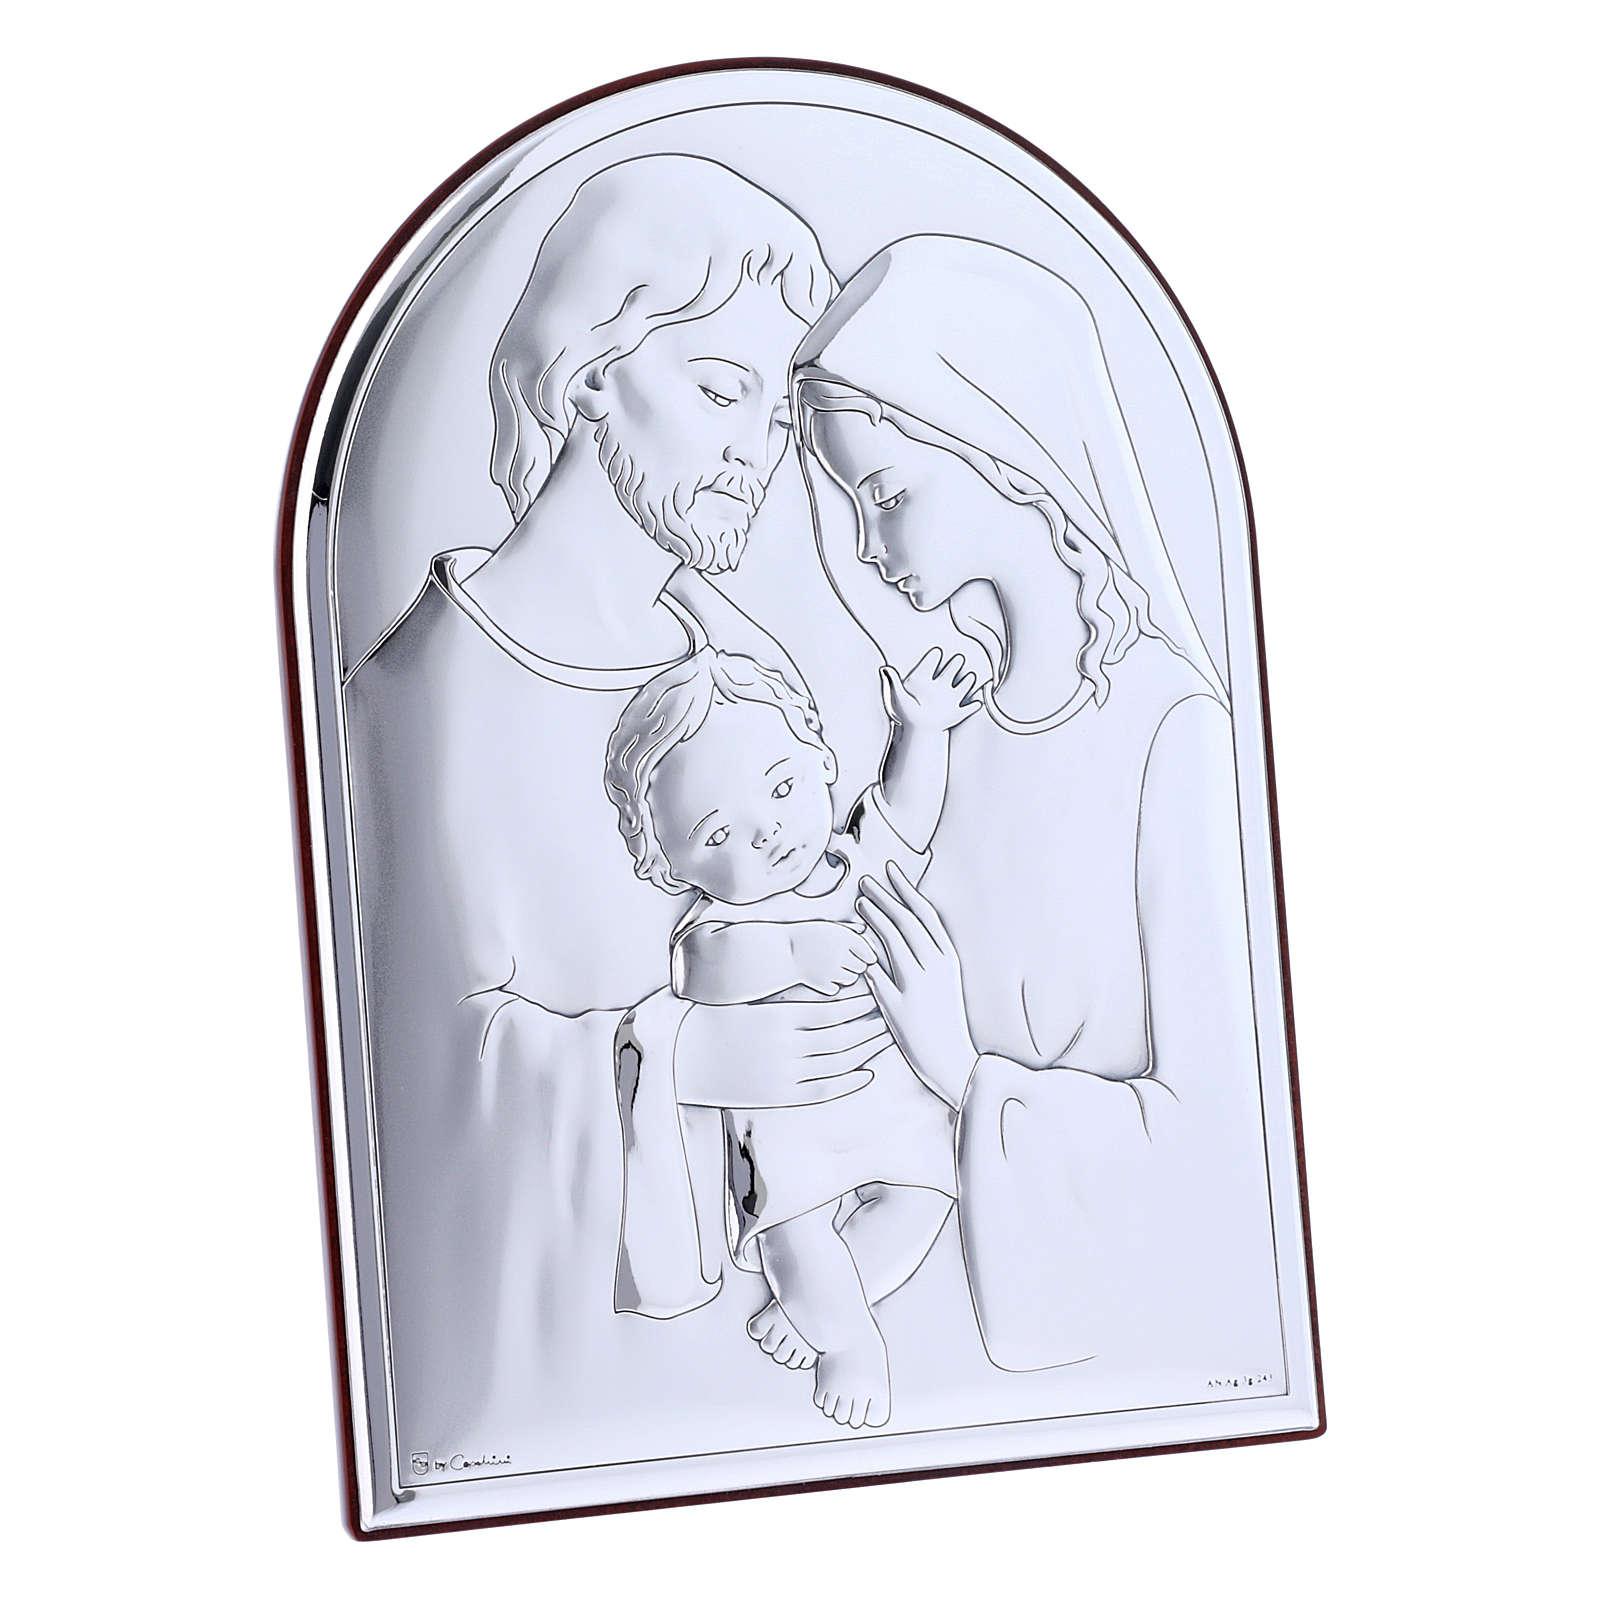 Obraz Święta Rodzina bilaminat tył z prestiżowego drewna 18x13 cm zaokrąglony 4